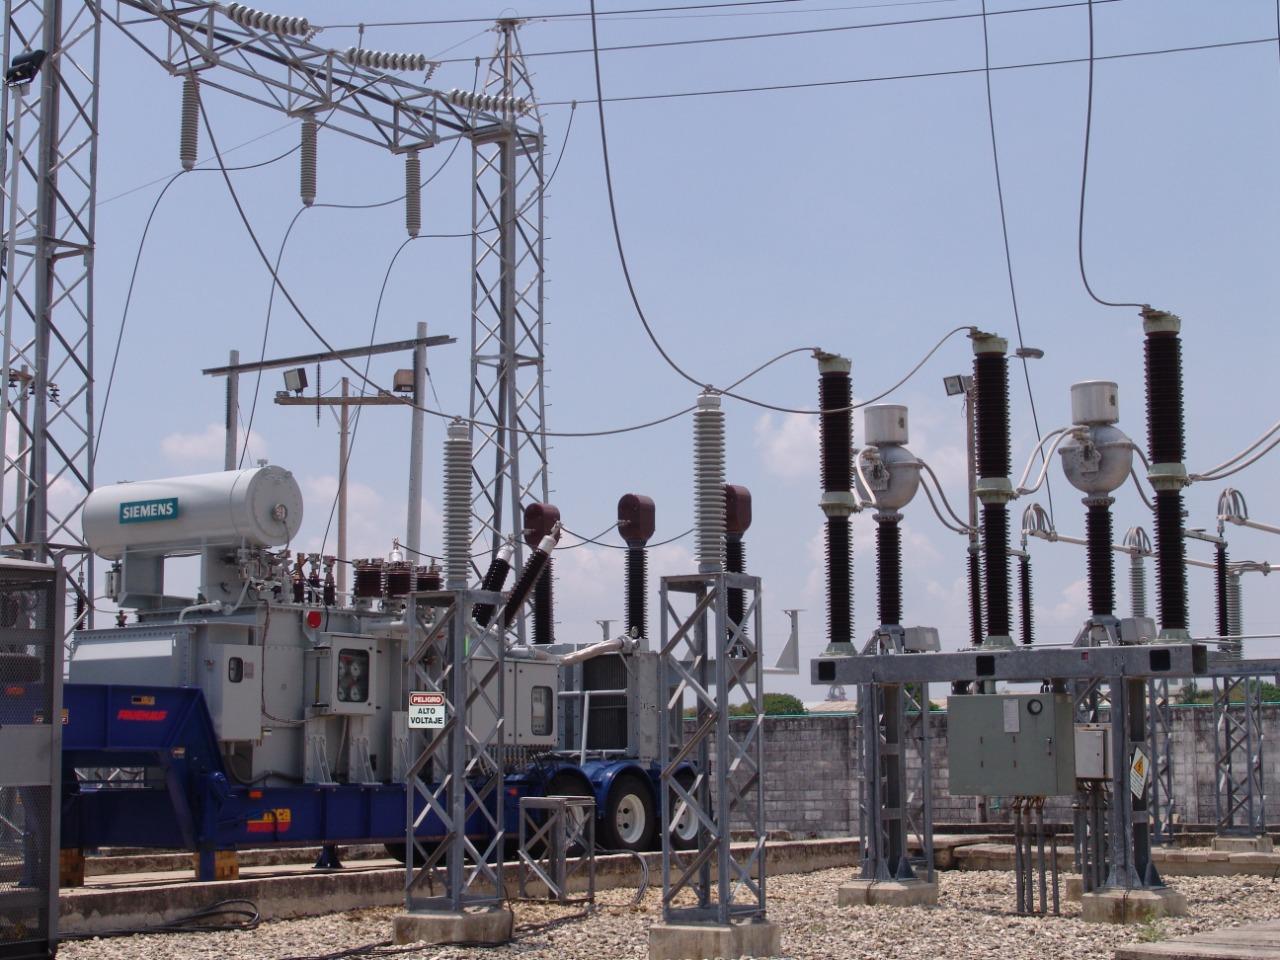 Sectores del sur de barranquilla y de Galapa se suspenderá el servicio de luz por trabajos de mantenimiento en la subestación Cordialidad – @Aire_Energia